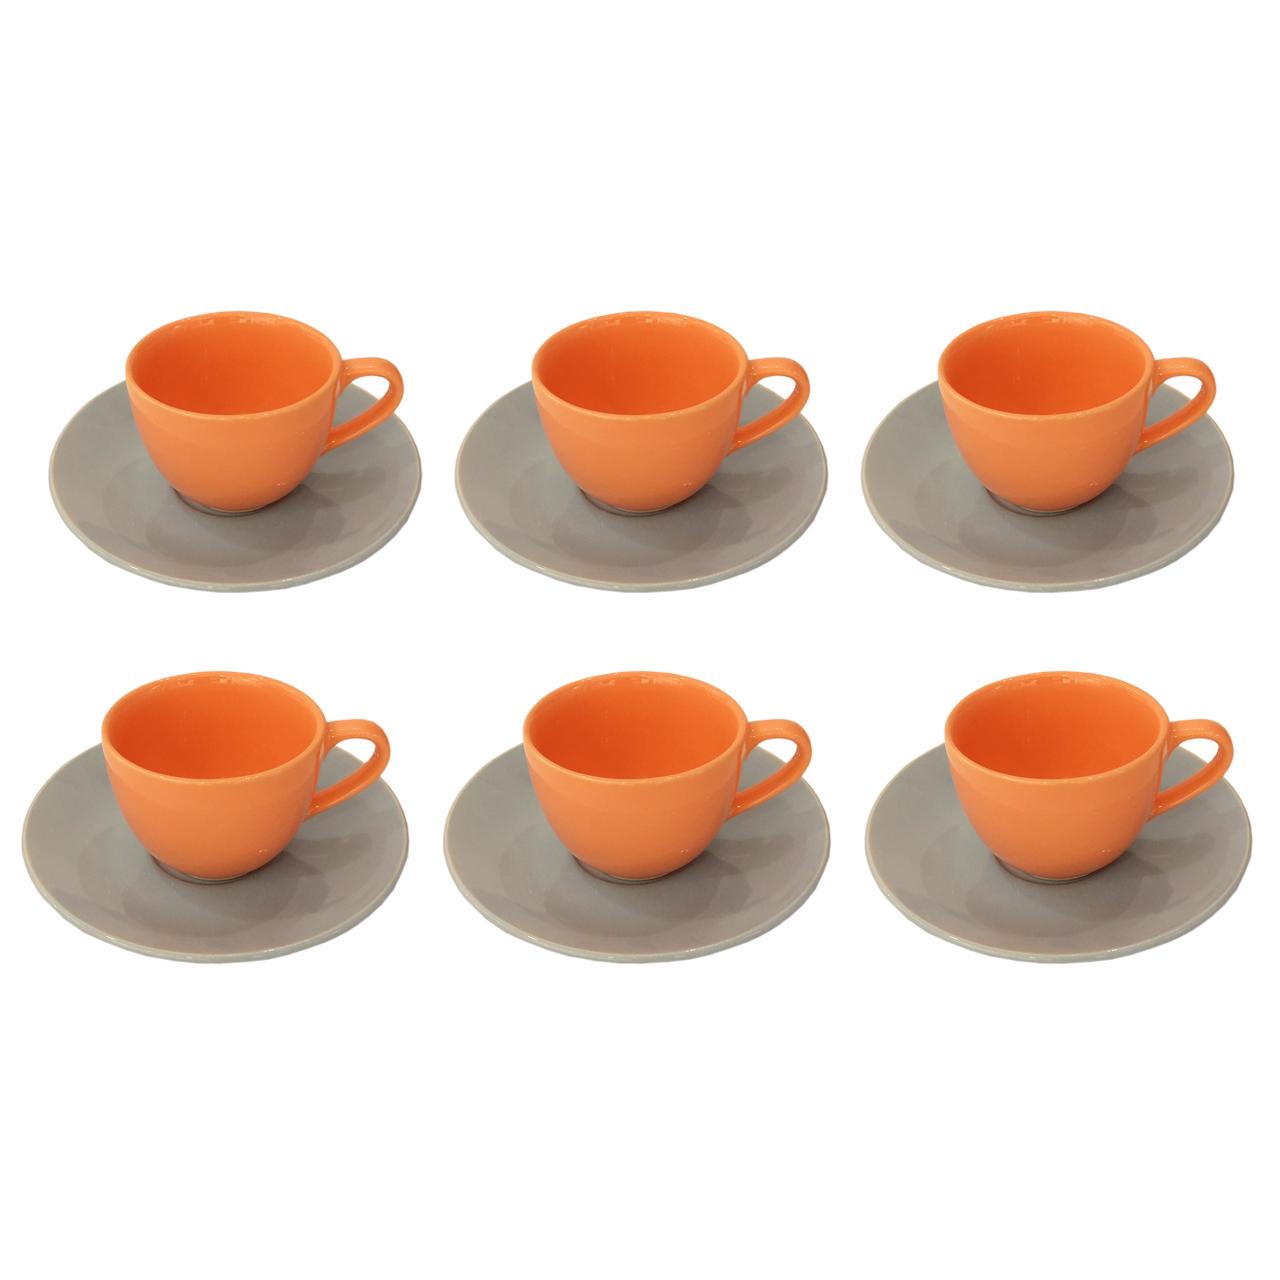 سرویس چای خوری 12 پارچه پرسلو سری Romez مدل آبی گلبهی ساده درجه یک